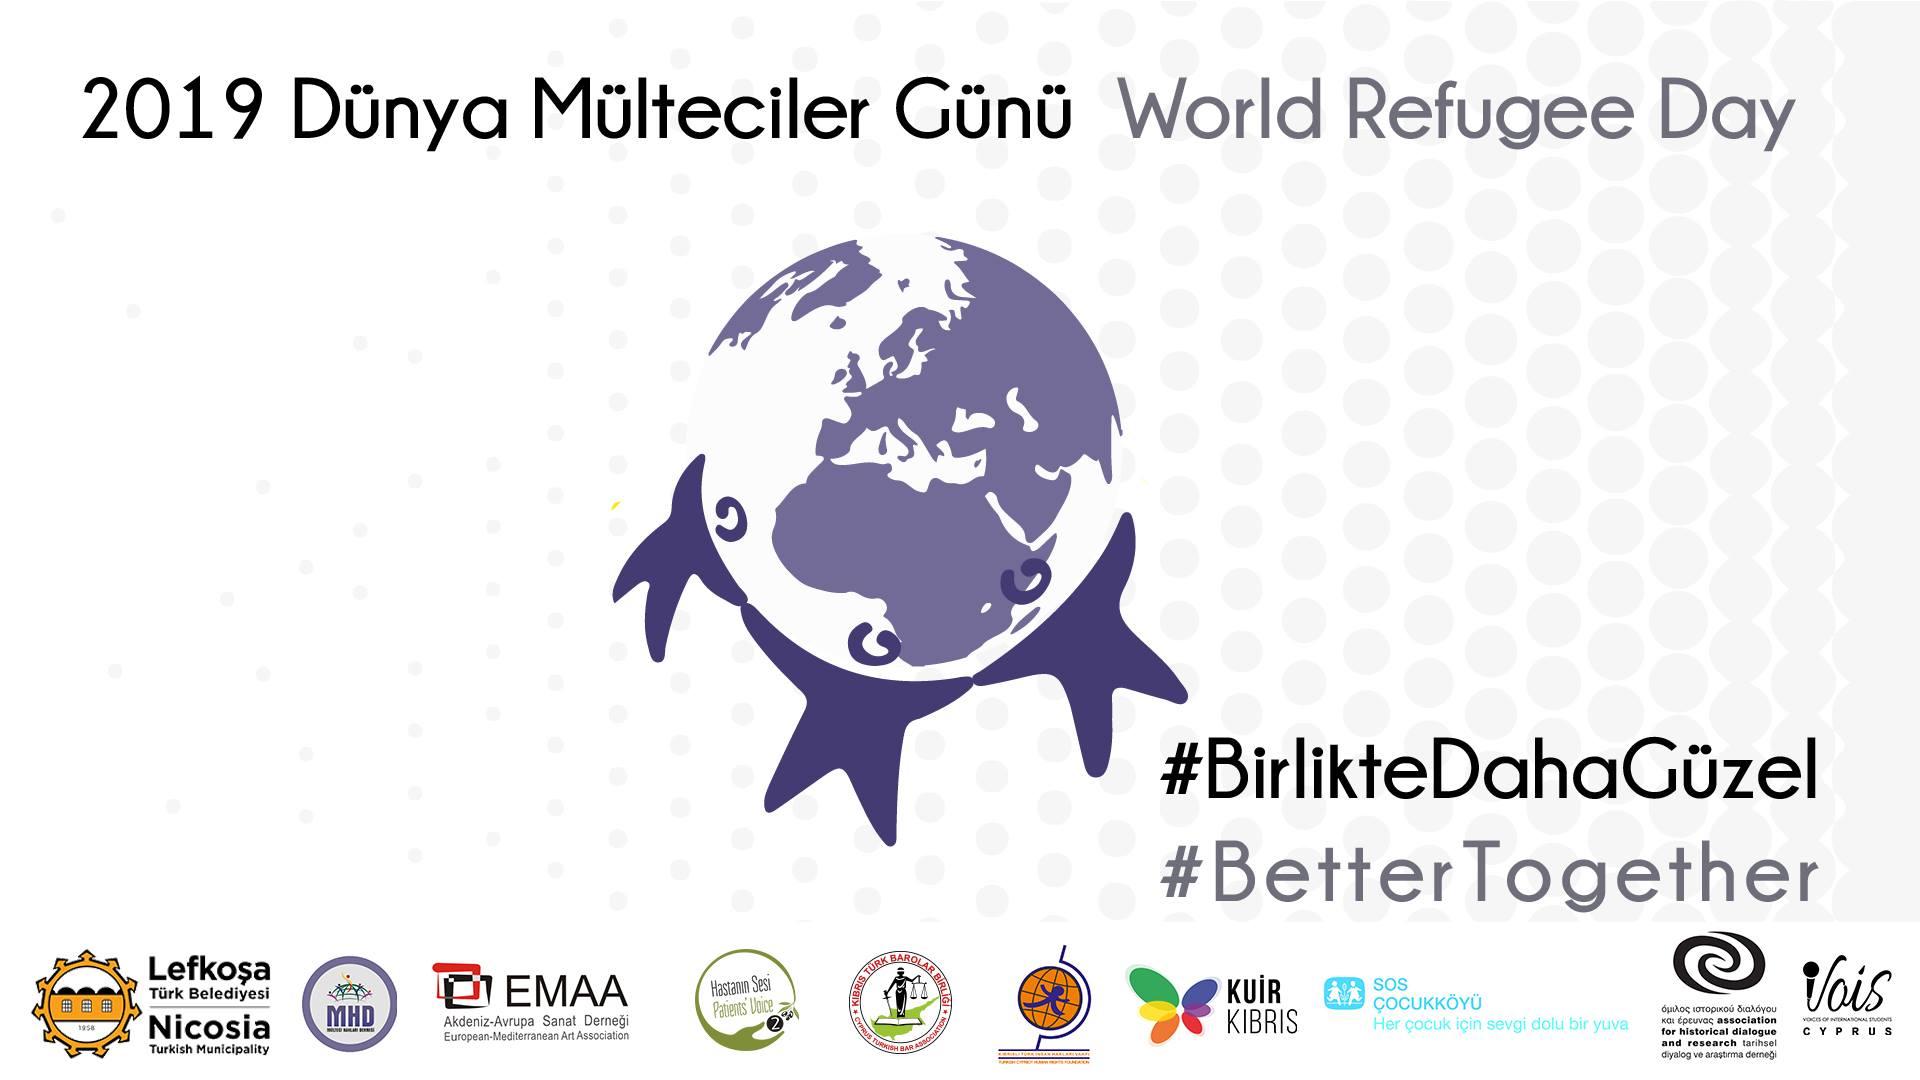 2019 Dünya Mülteciler Günü #BirlikteDahaGüzel